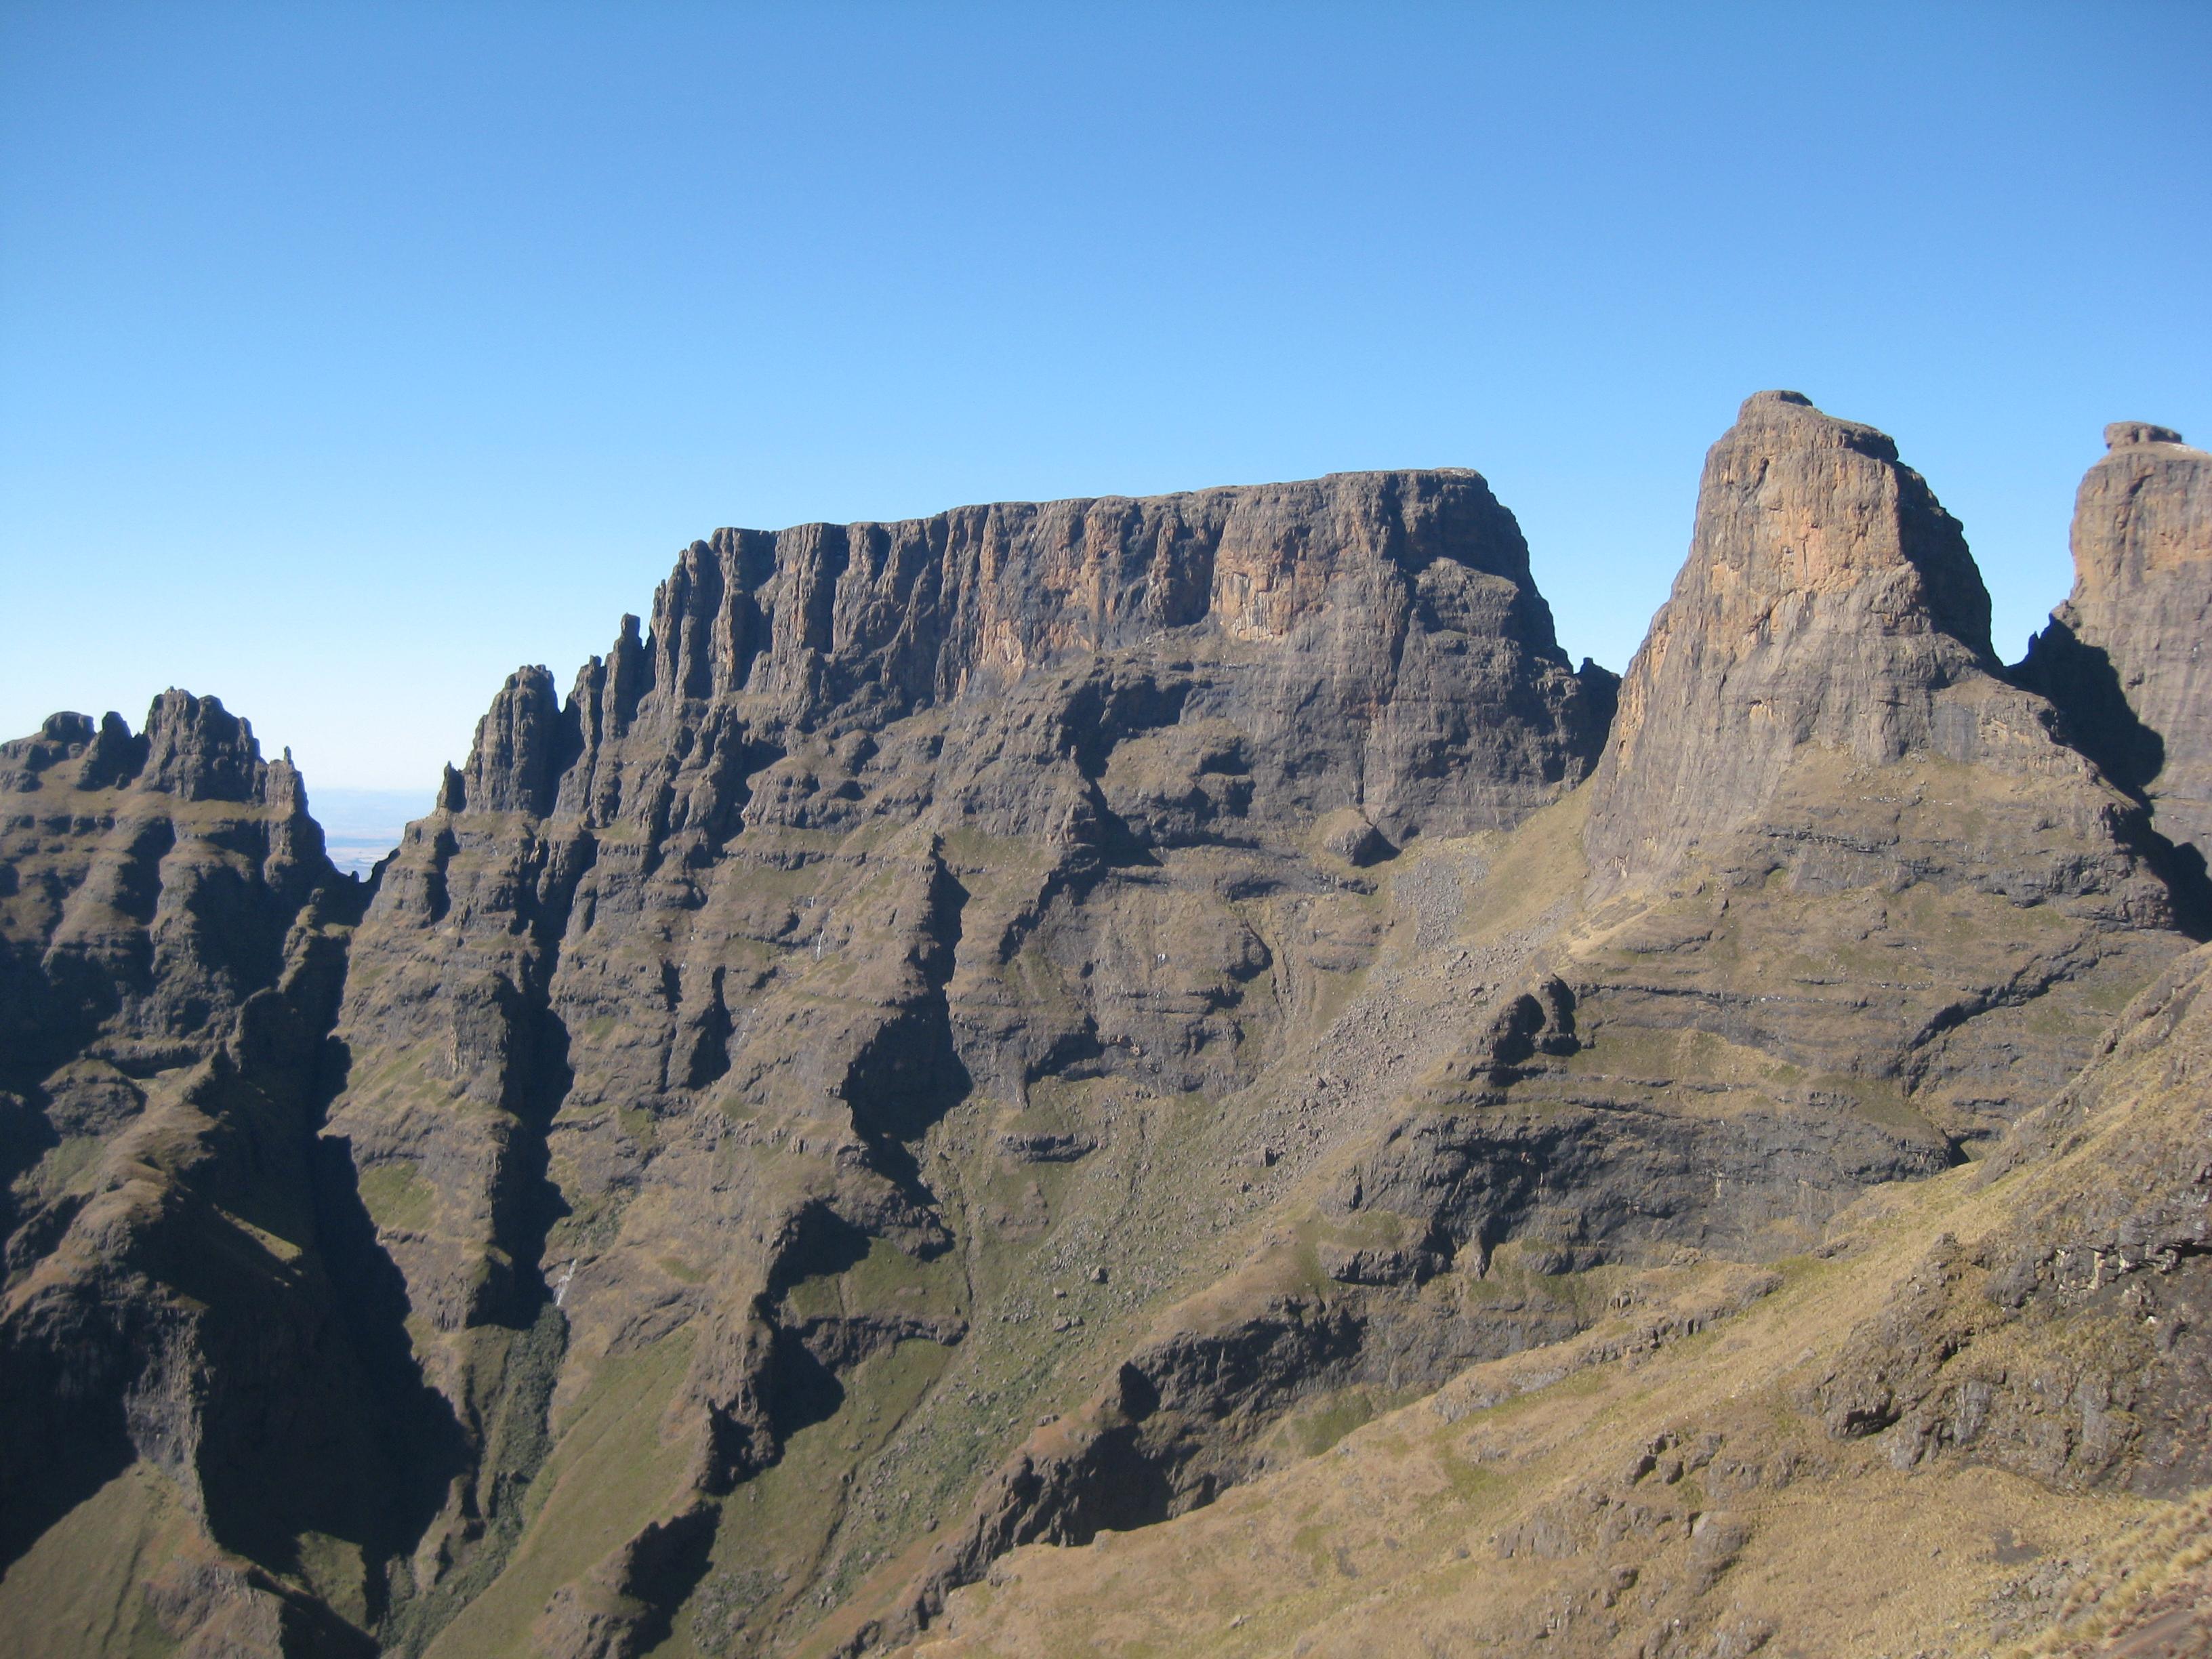 Courtesy: mountain-forecast.com